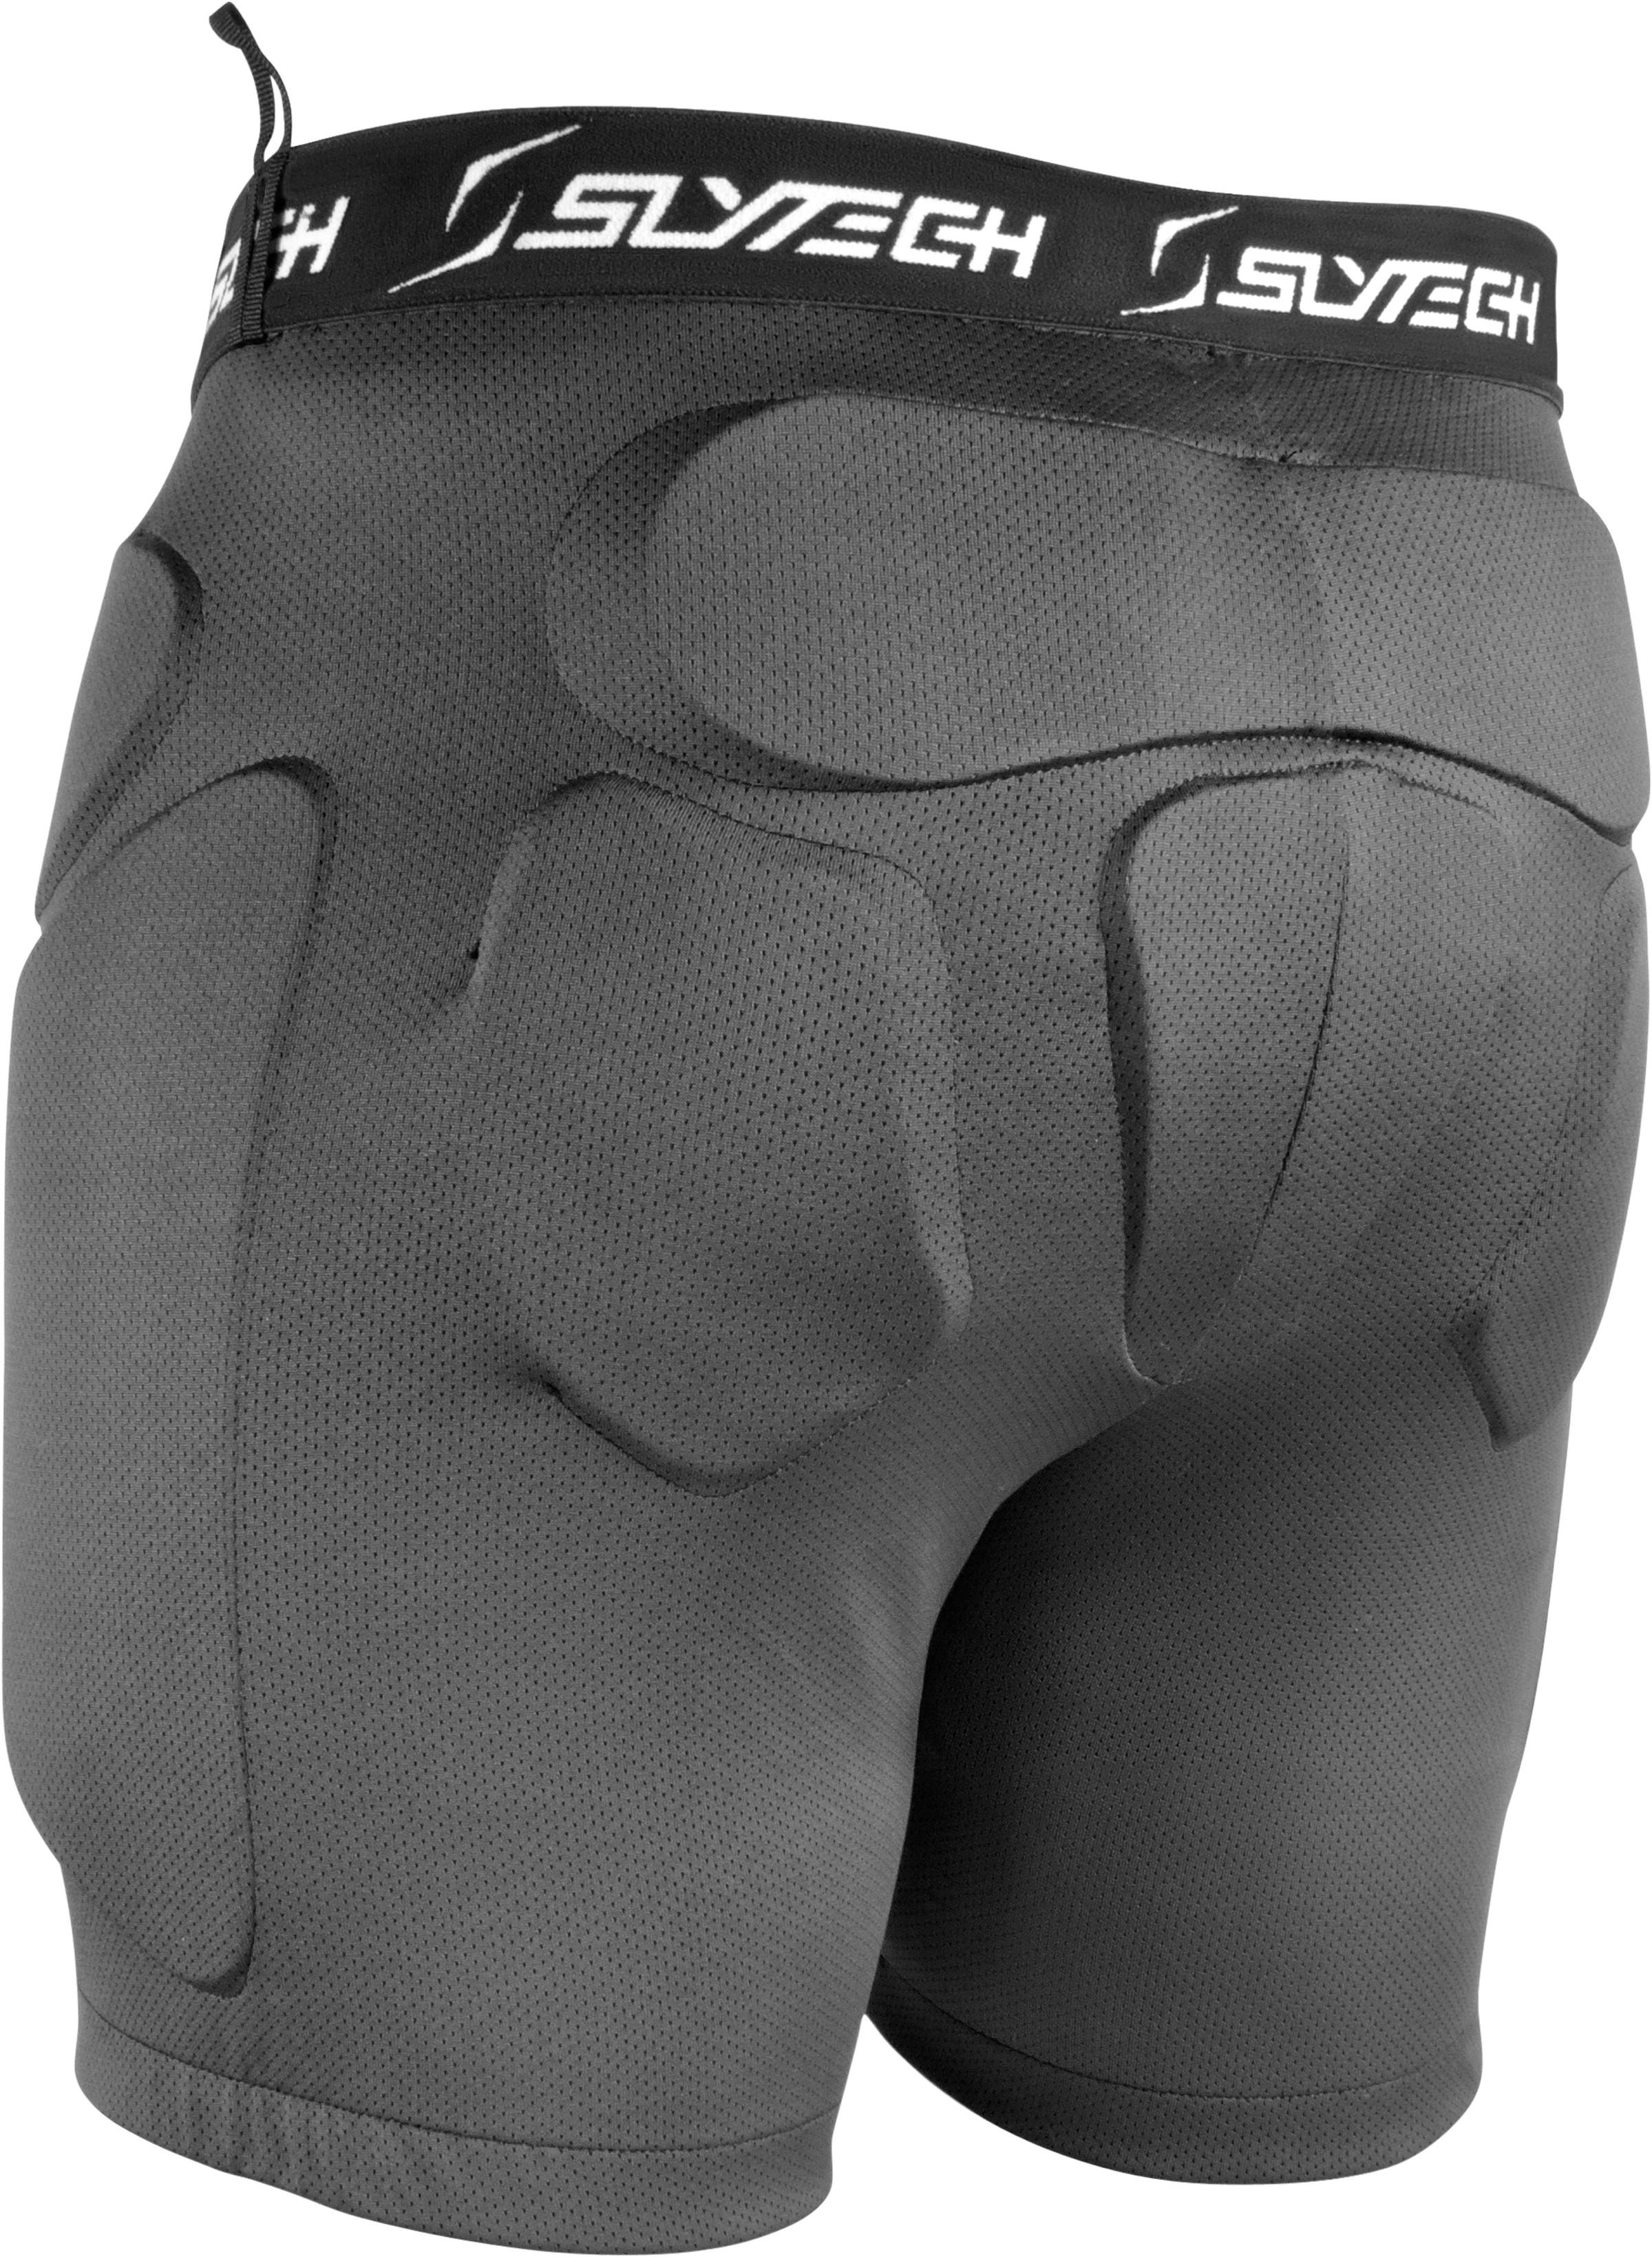 slytech protective shorts noshock 2018. Black Bedroom Furniture Sets. Home Design Ideas